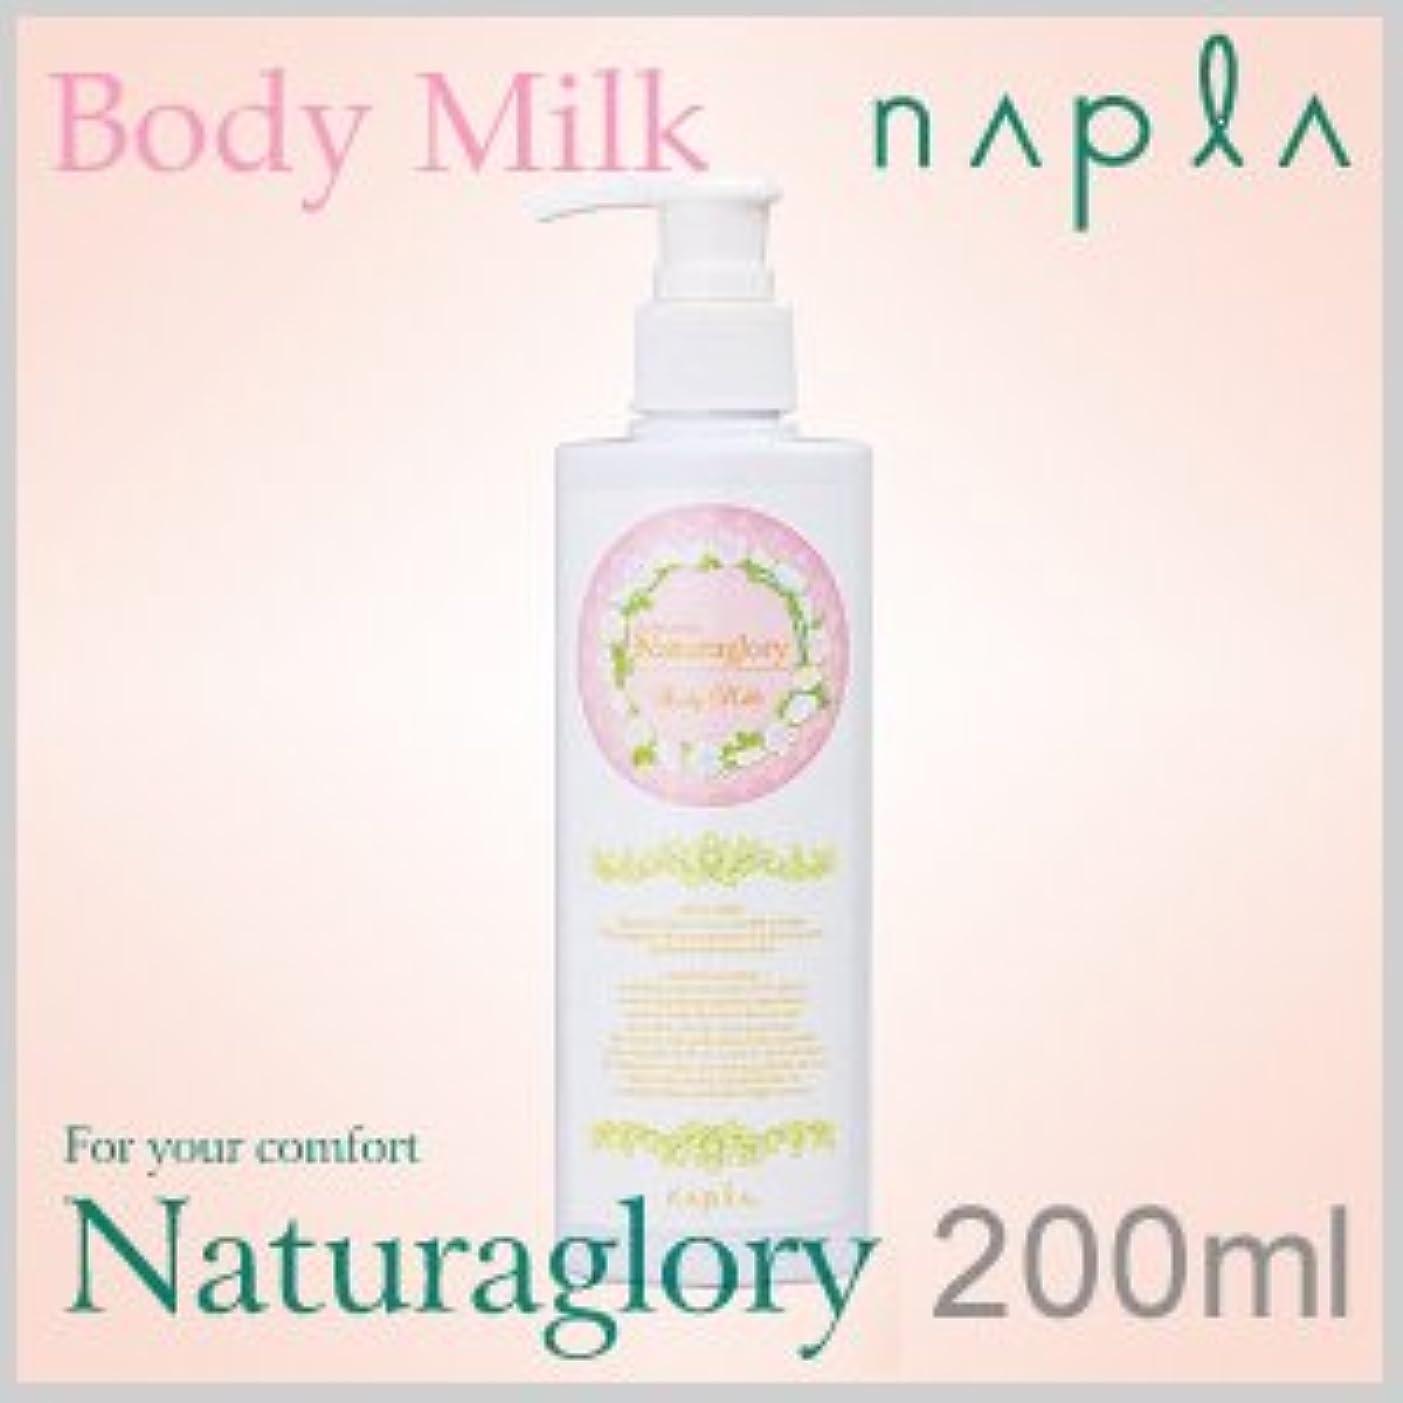 無心強調取るに足らないナプラ ケアテクトHB ナチュラグローリー ボディーミルク 200ml 無添加クリーム